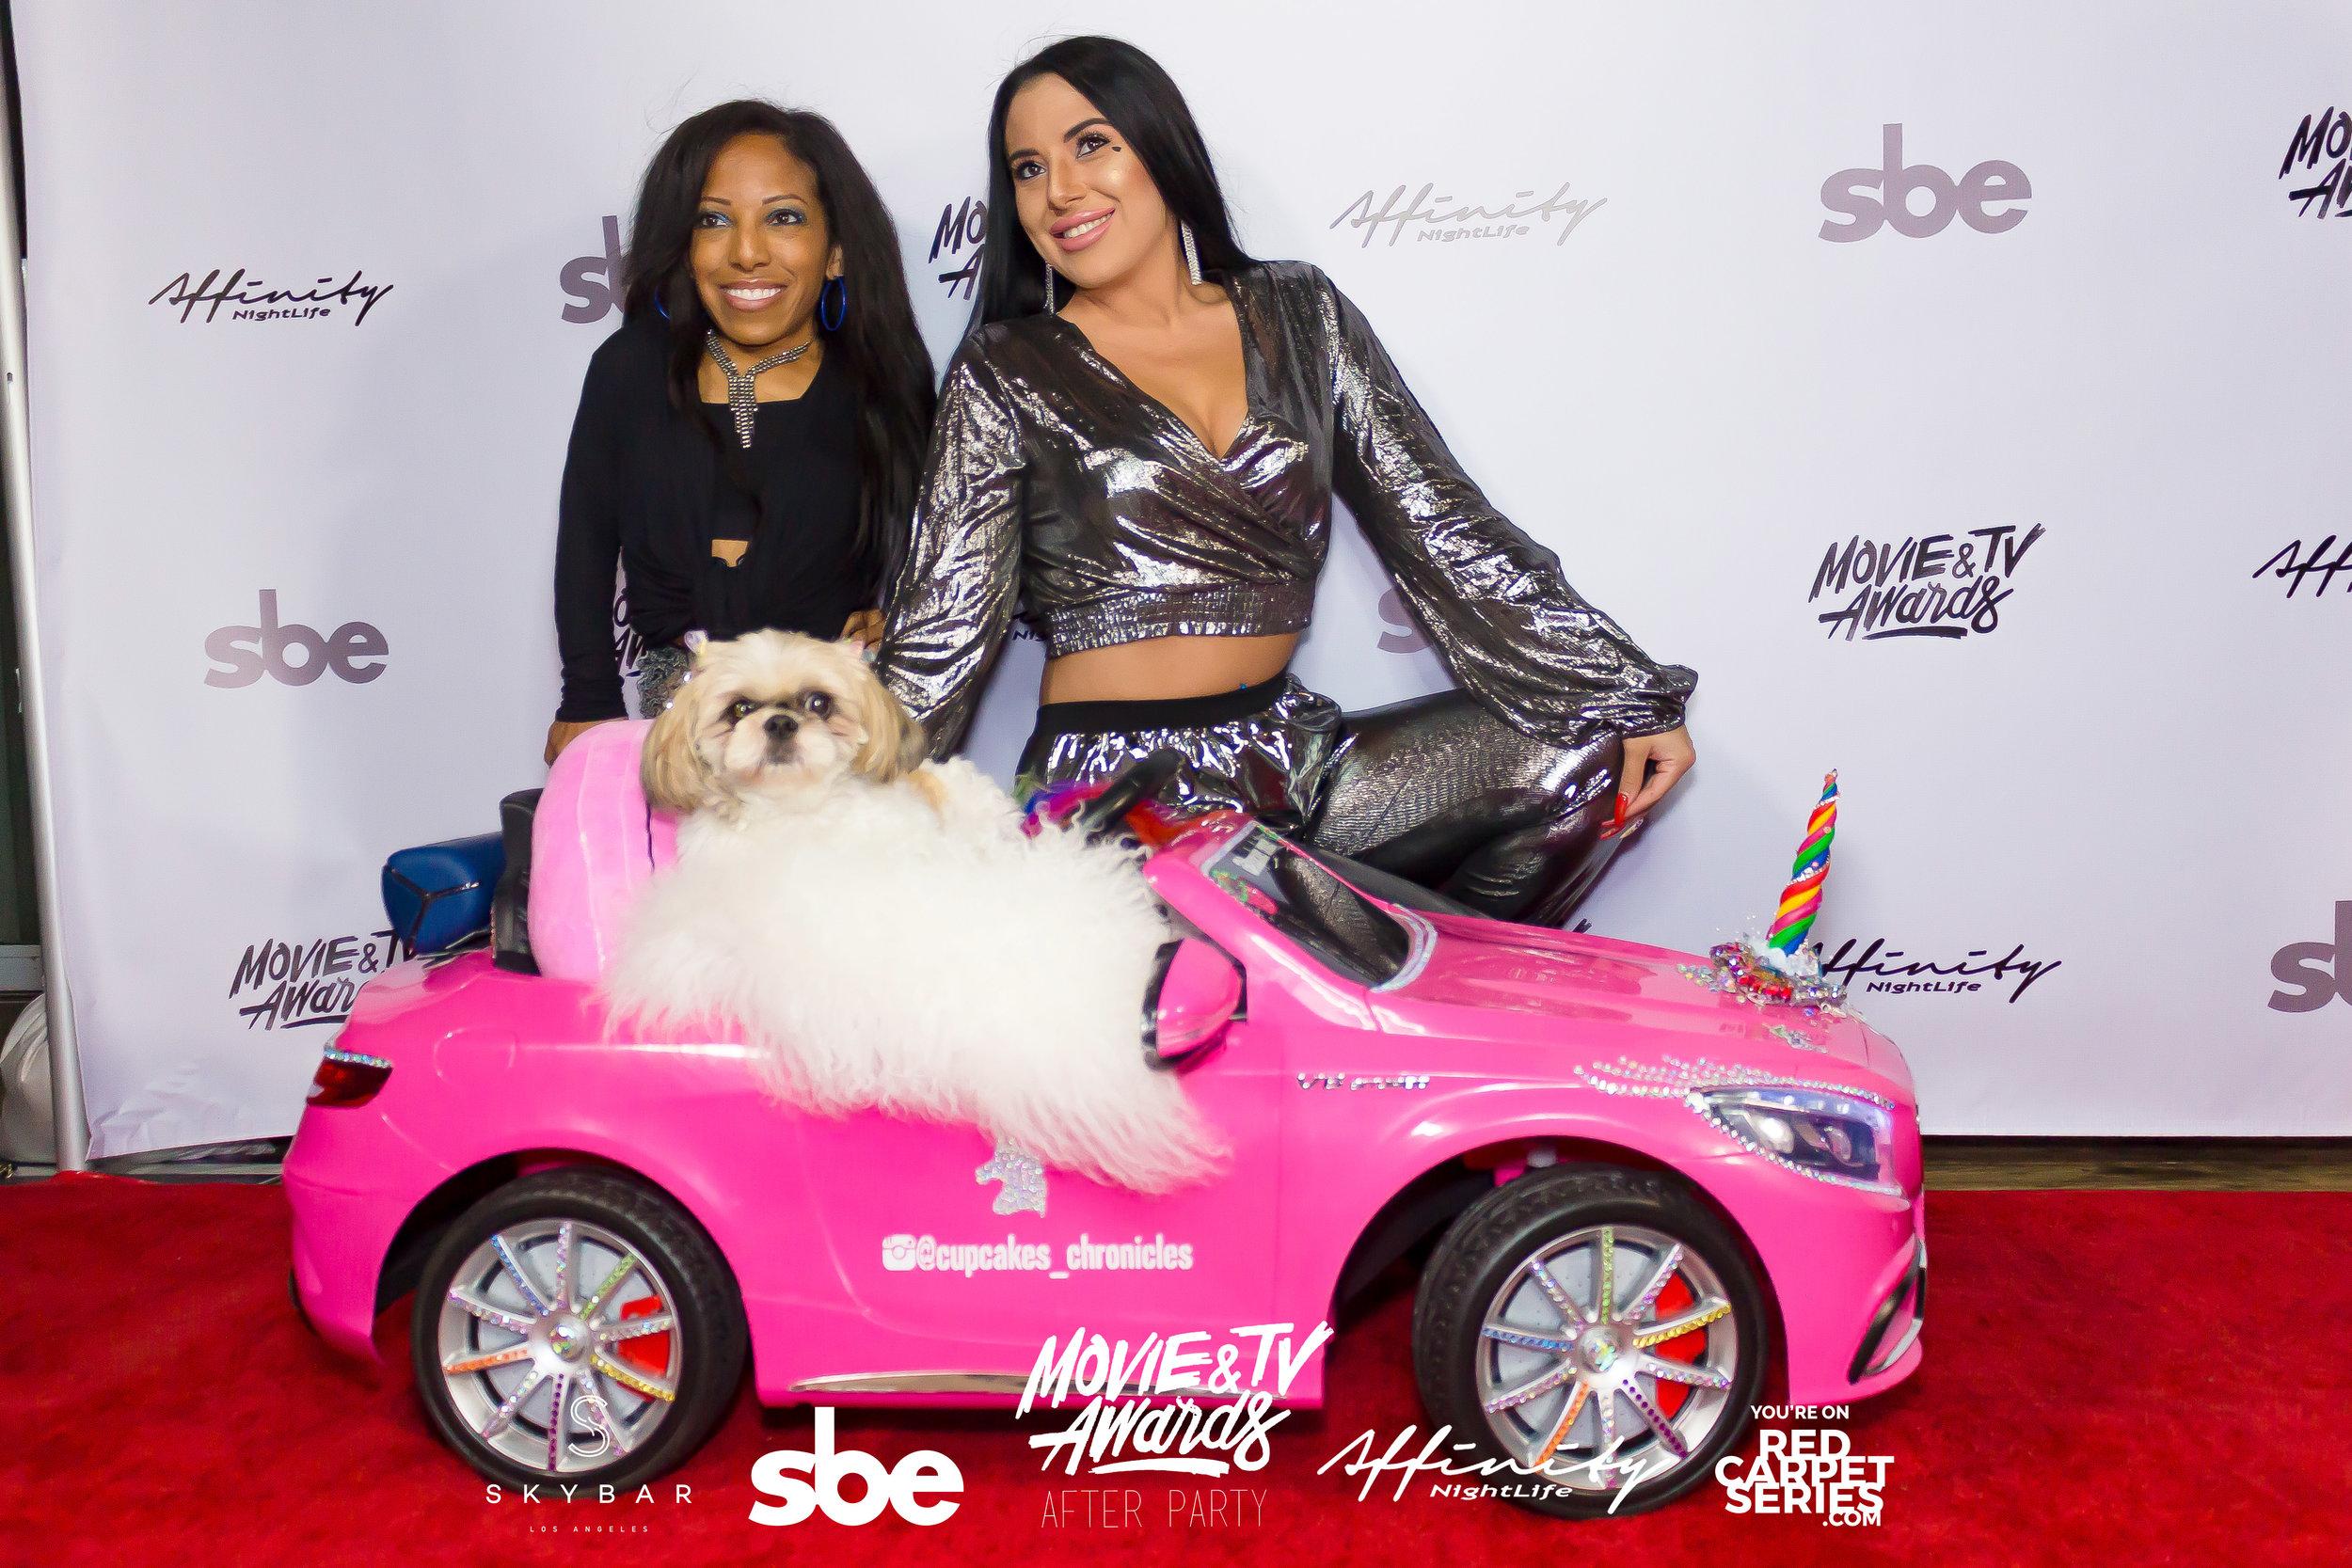 Affinity Nightlife MTV Movie & TV Awards After Party - Skybar at Mondrian - 06-15-19 - Vol. 2_44.jpg